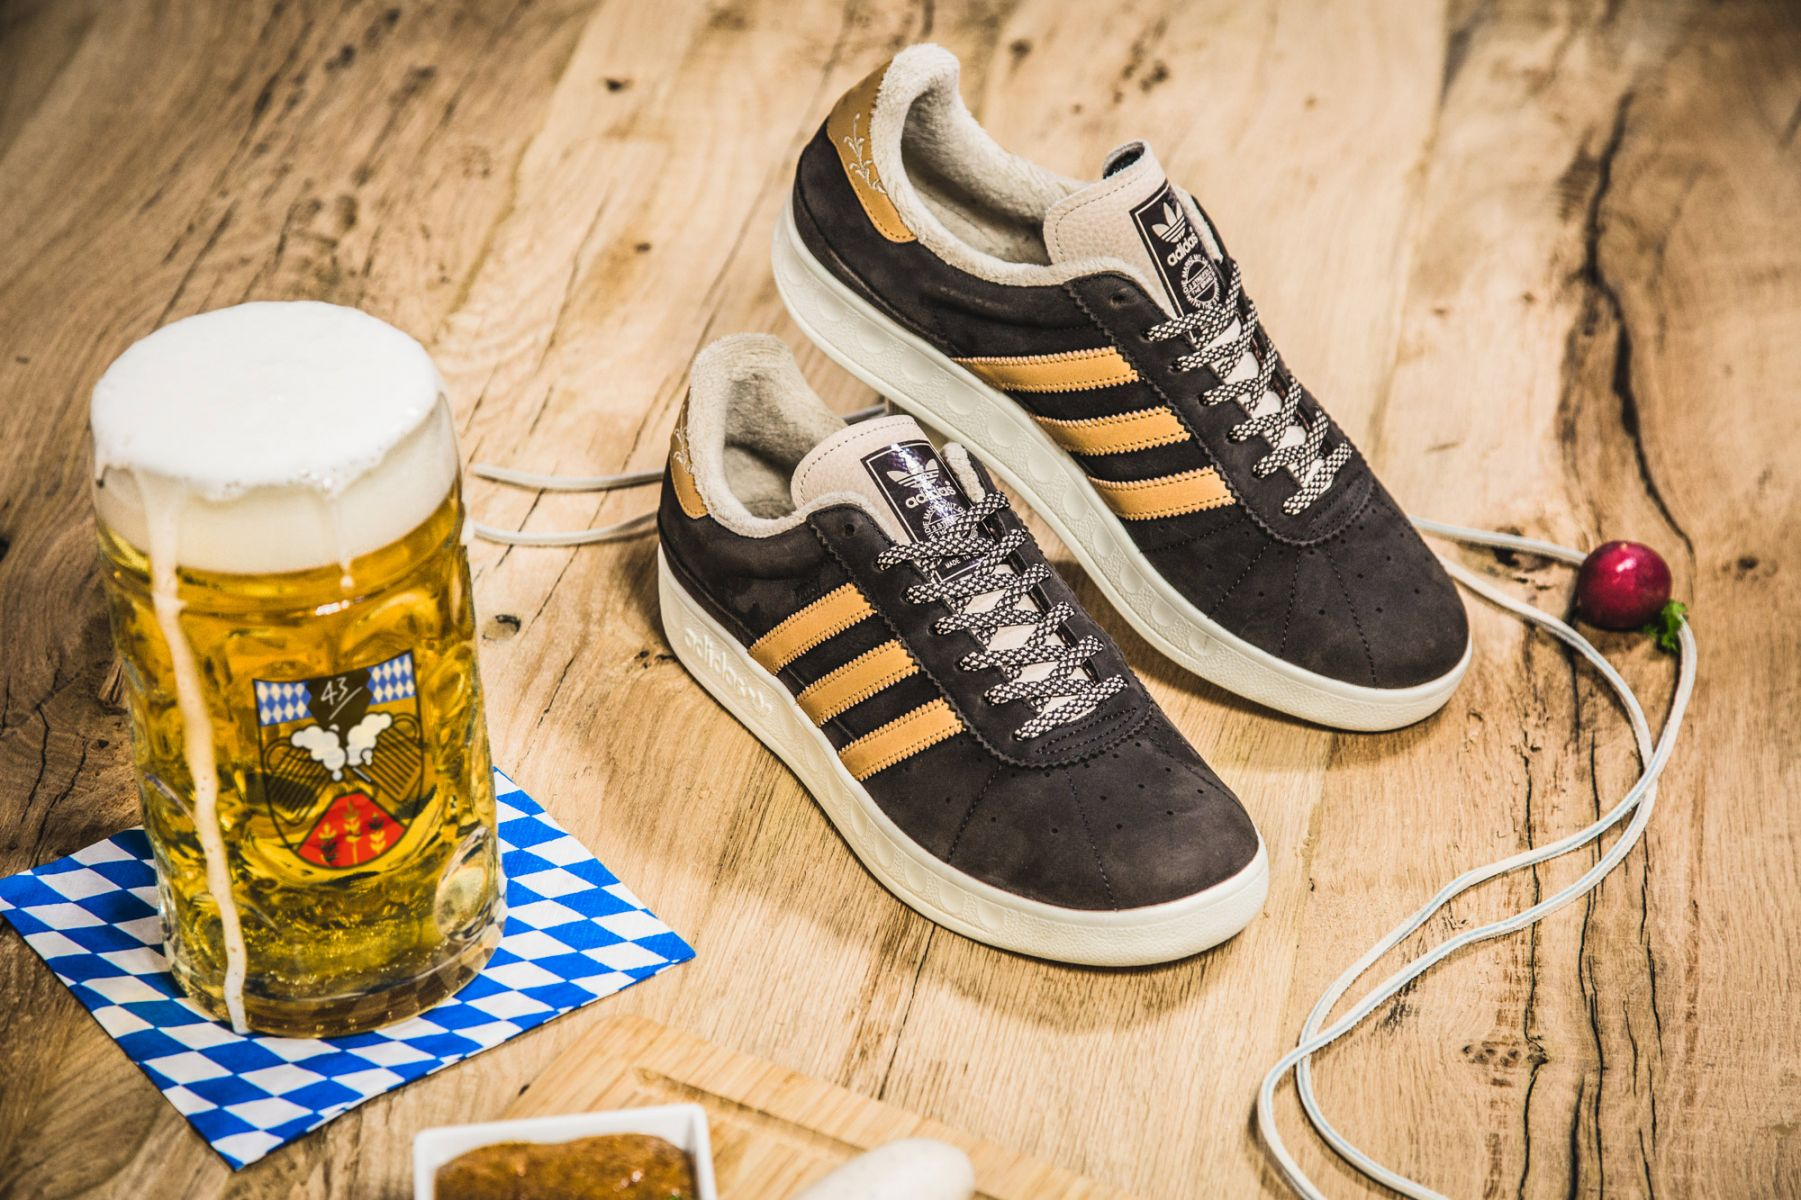 adidas schuhe aus deutschland tapeten - schuhe